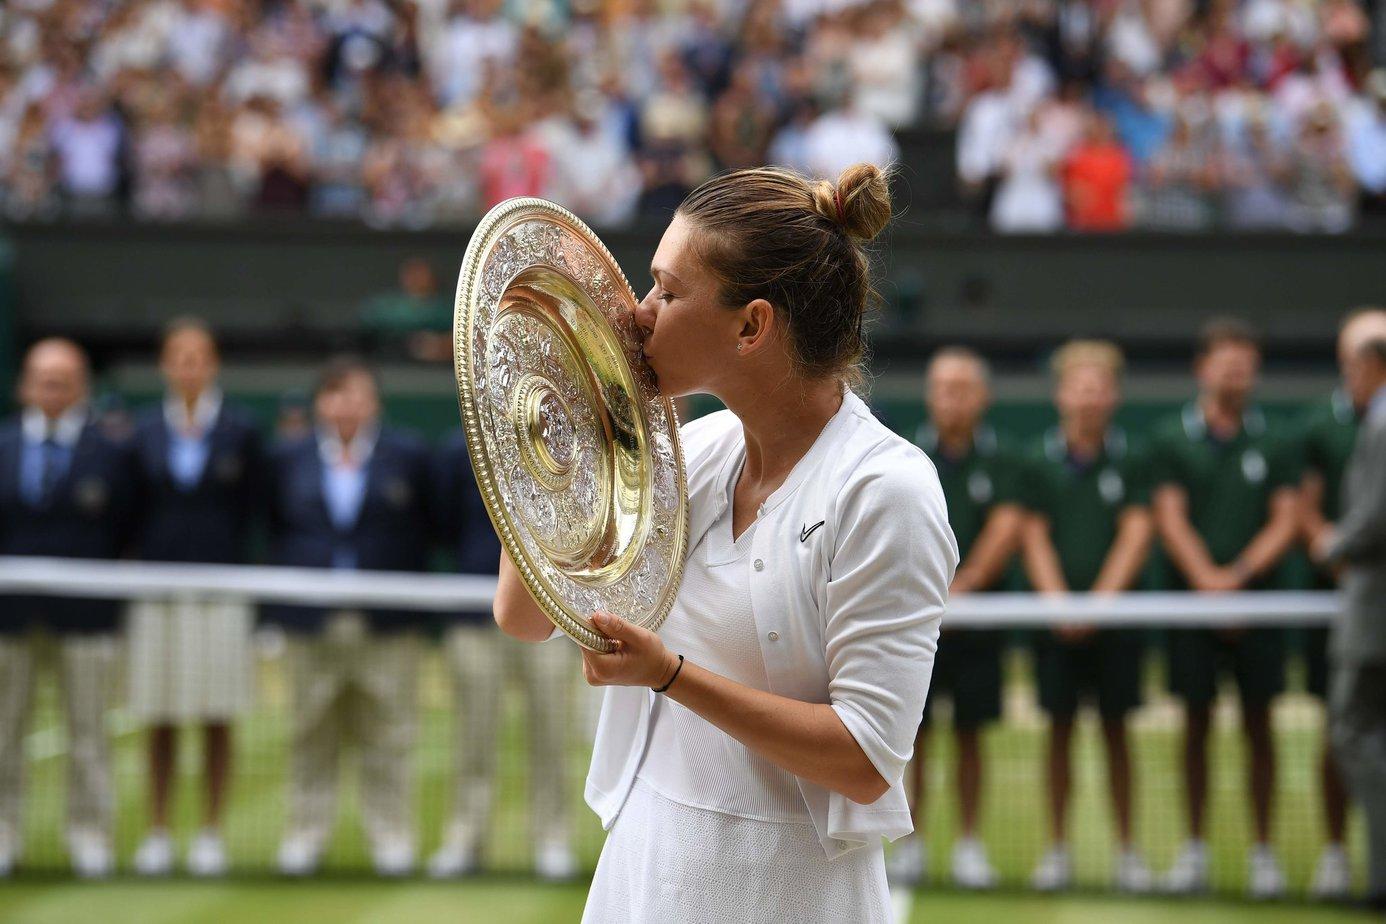 Wimbledon. Cea mai prestigioasă competiție de tenis din lume, câștigată de Halep în 2019 2